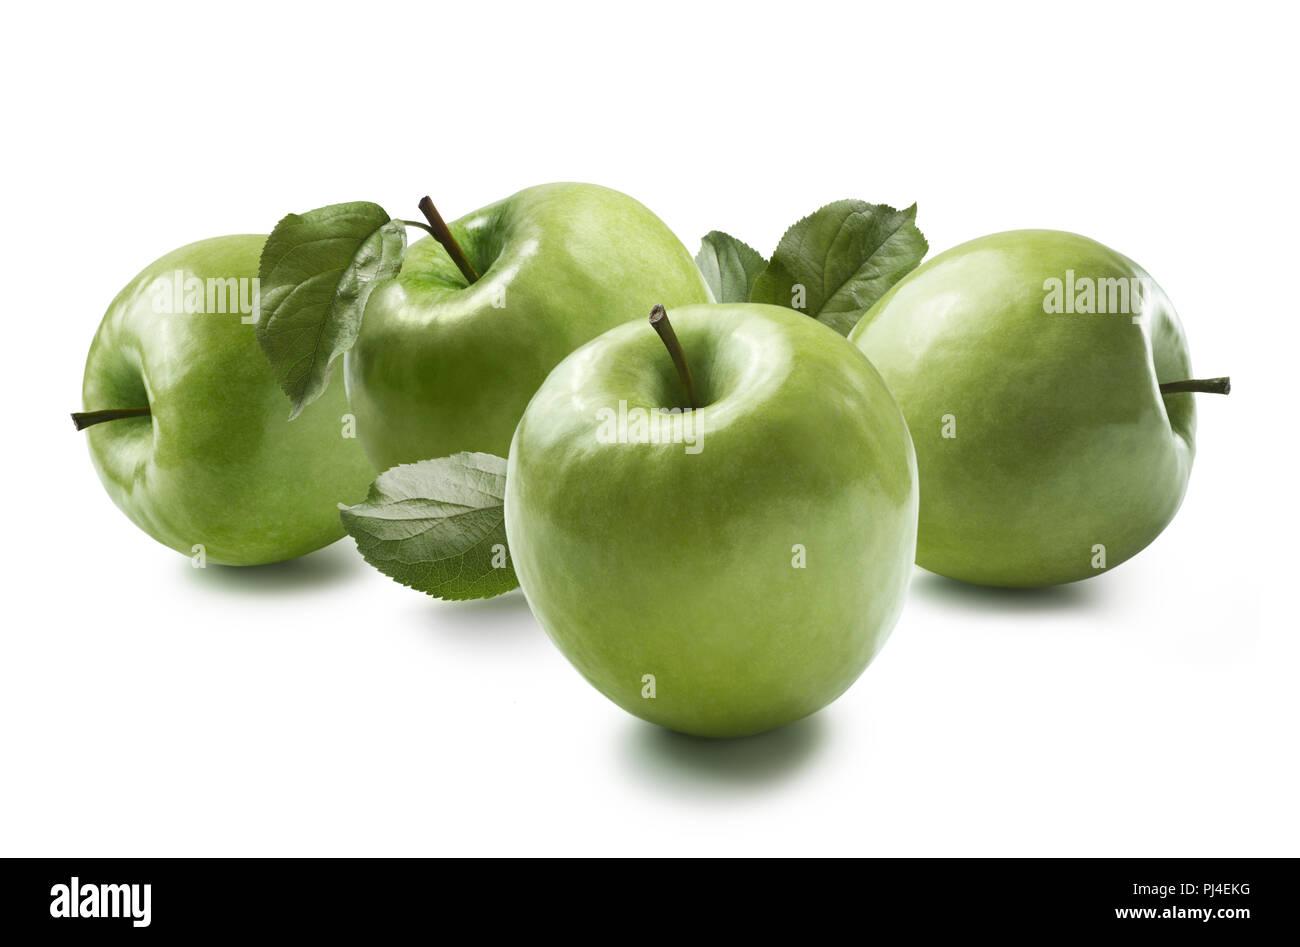 Cucina verde mele Granny Smith isolati su sfondo bianco in ...